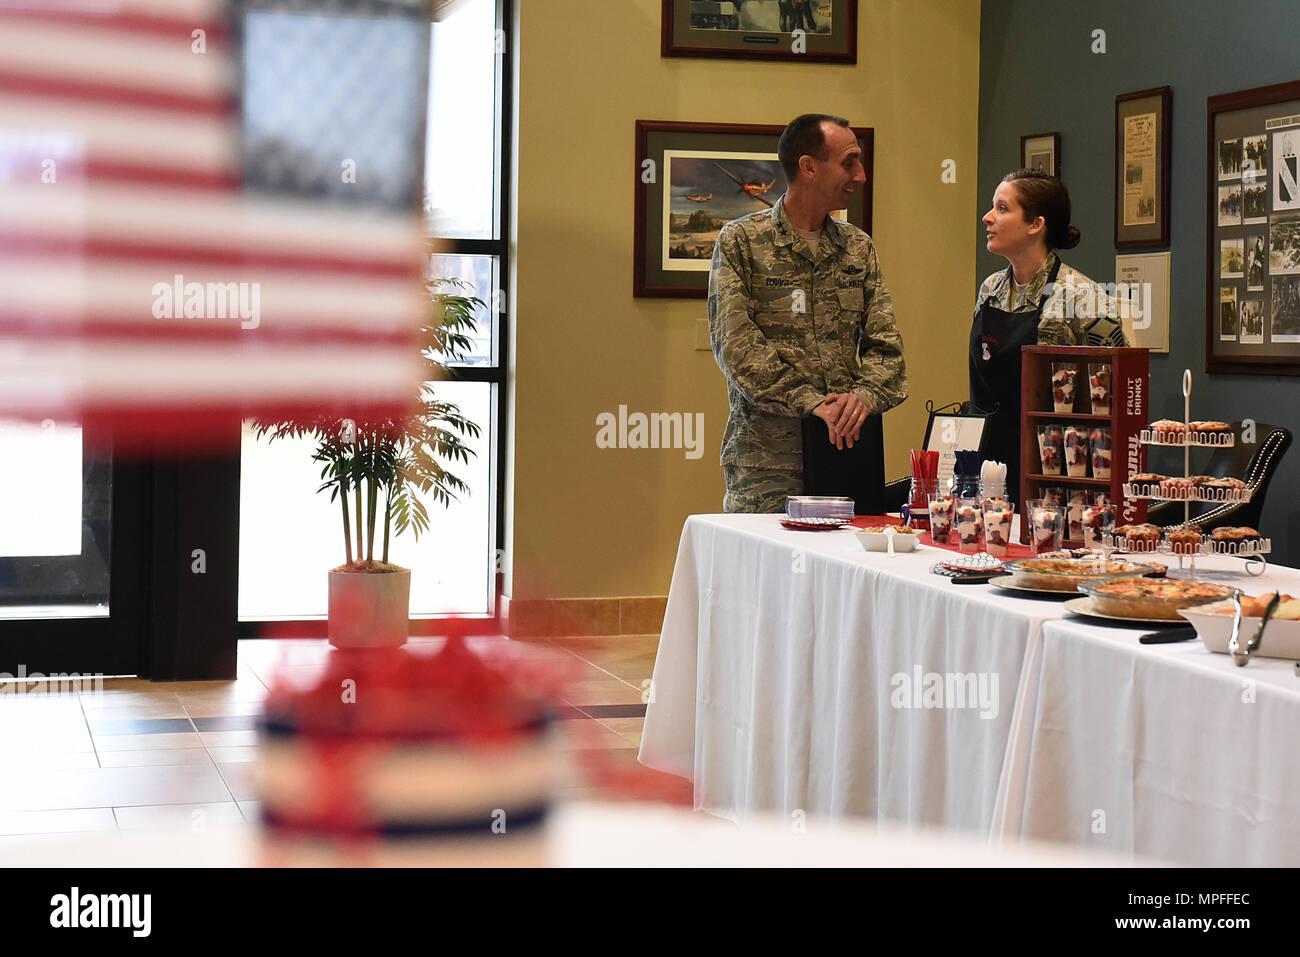 U.S. Air Force, le général Scott Zobrist (gauche), 9e de la Force aérienne, des pourparlers avec le sergent-chef. Katie Neeley, 4e Escadron de médecine aérospatiale, surintendant à Seymour Johnson Air Force Base, N.C., le 15 février 2017. Neeley et d'autres membres de la rendre meilleure club culinaire ont présenté leurs talents culinaires en préparant le petit déjeuner pour Zobrist et environ 20 autres dirigeants de l'aile et leurs conjoints au cours de sa visite. (U.S. Air Force photo par un membre de la 1re classe Kenneth Boyton) Banque D'Images